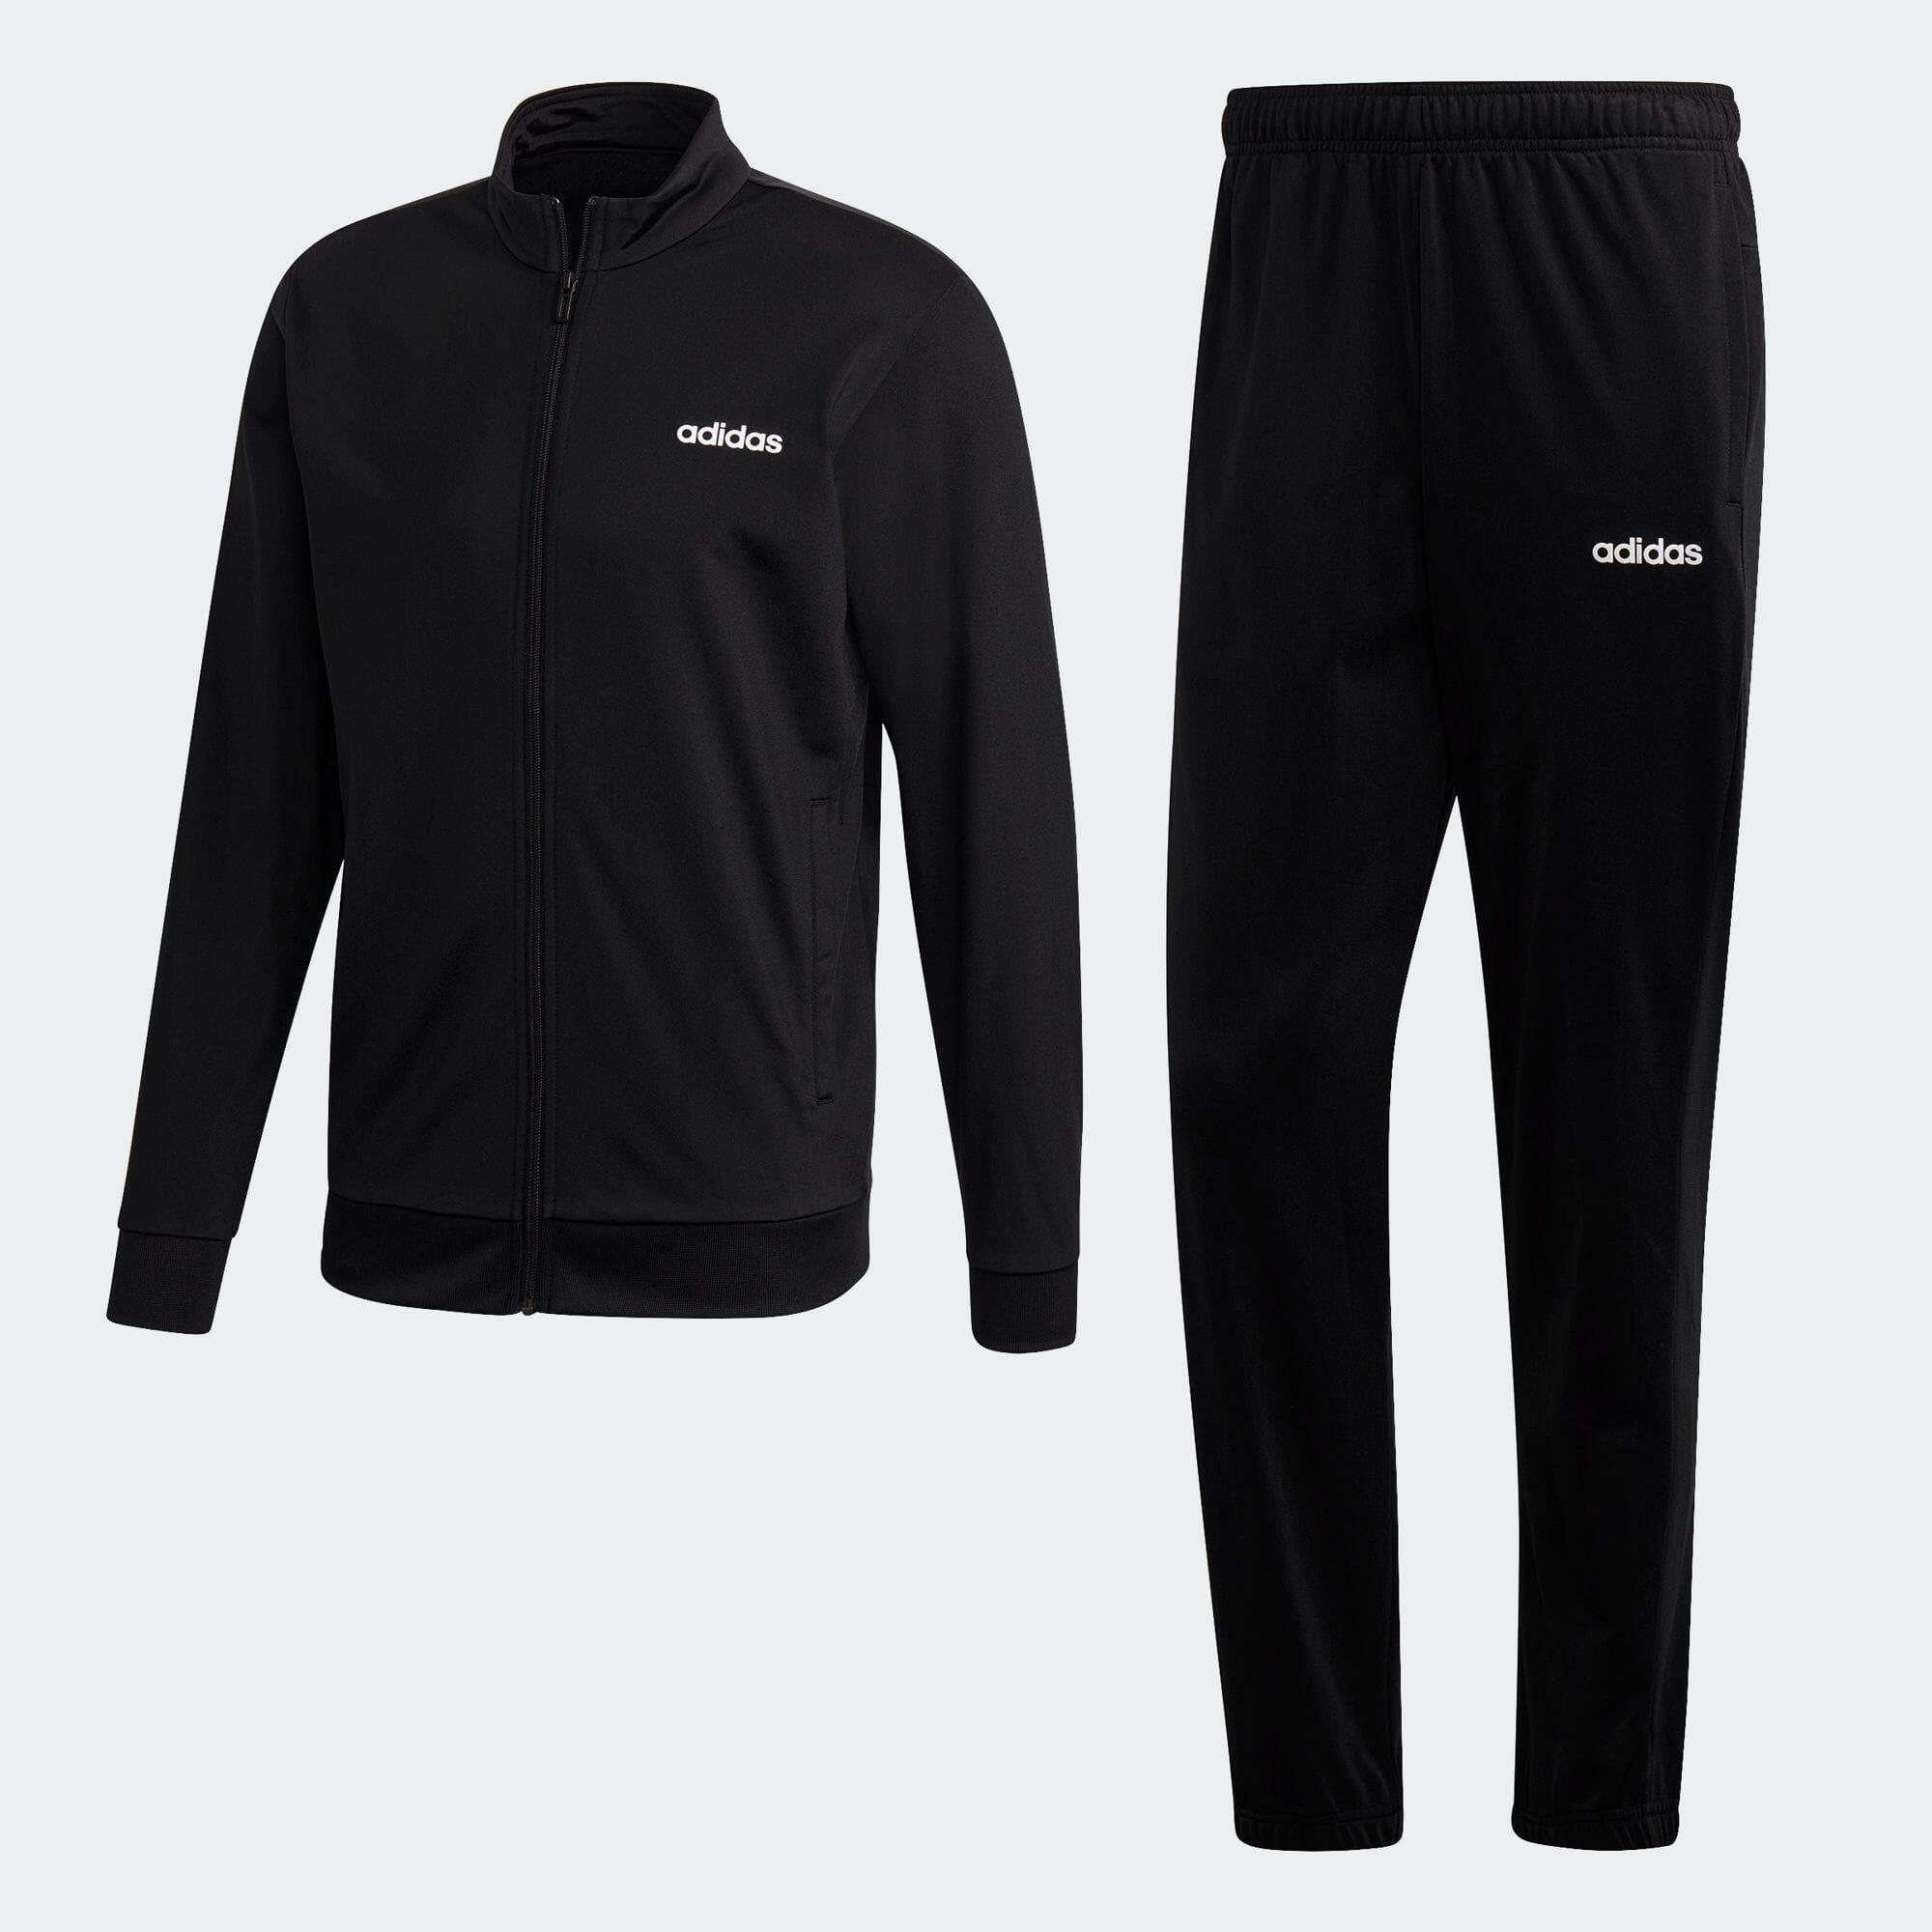 リニア トリコット トラックスーツ(ジャージセットアップ) / Linear Tricot Track Suit